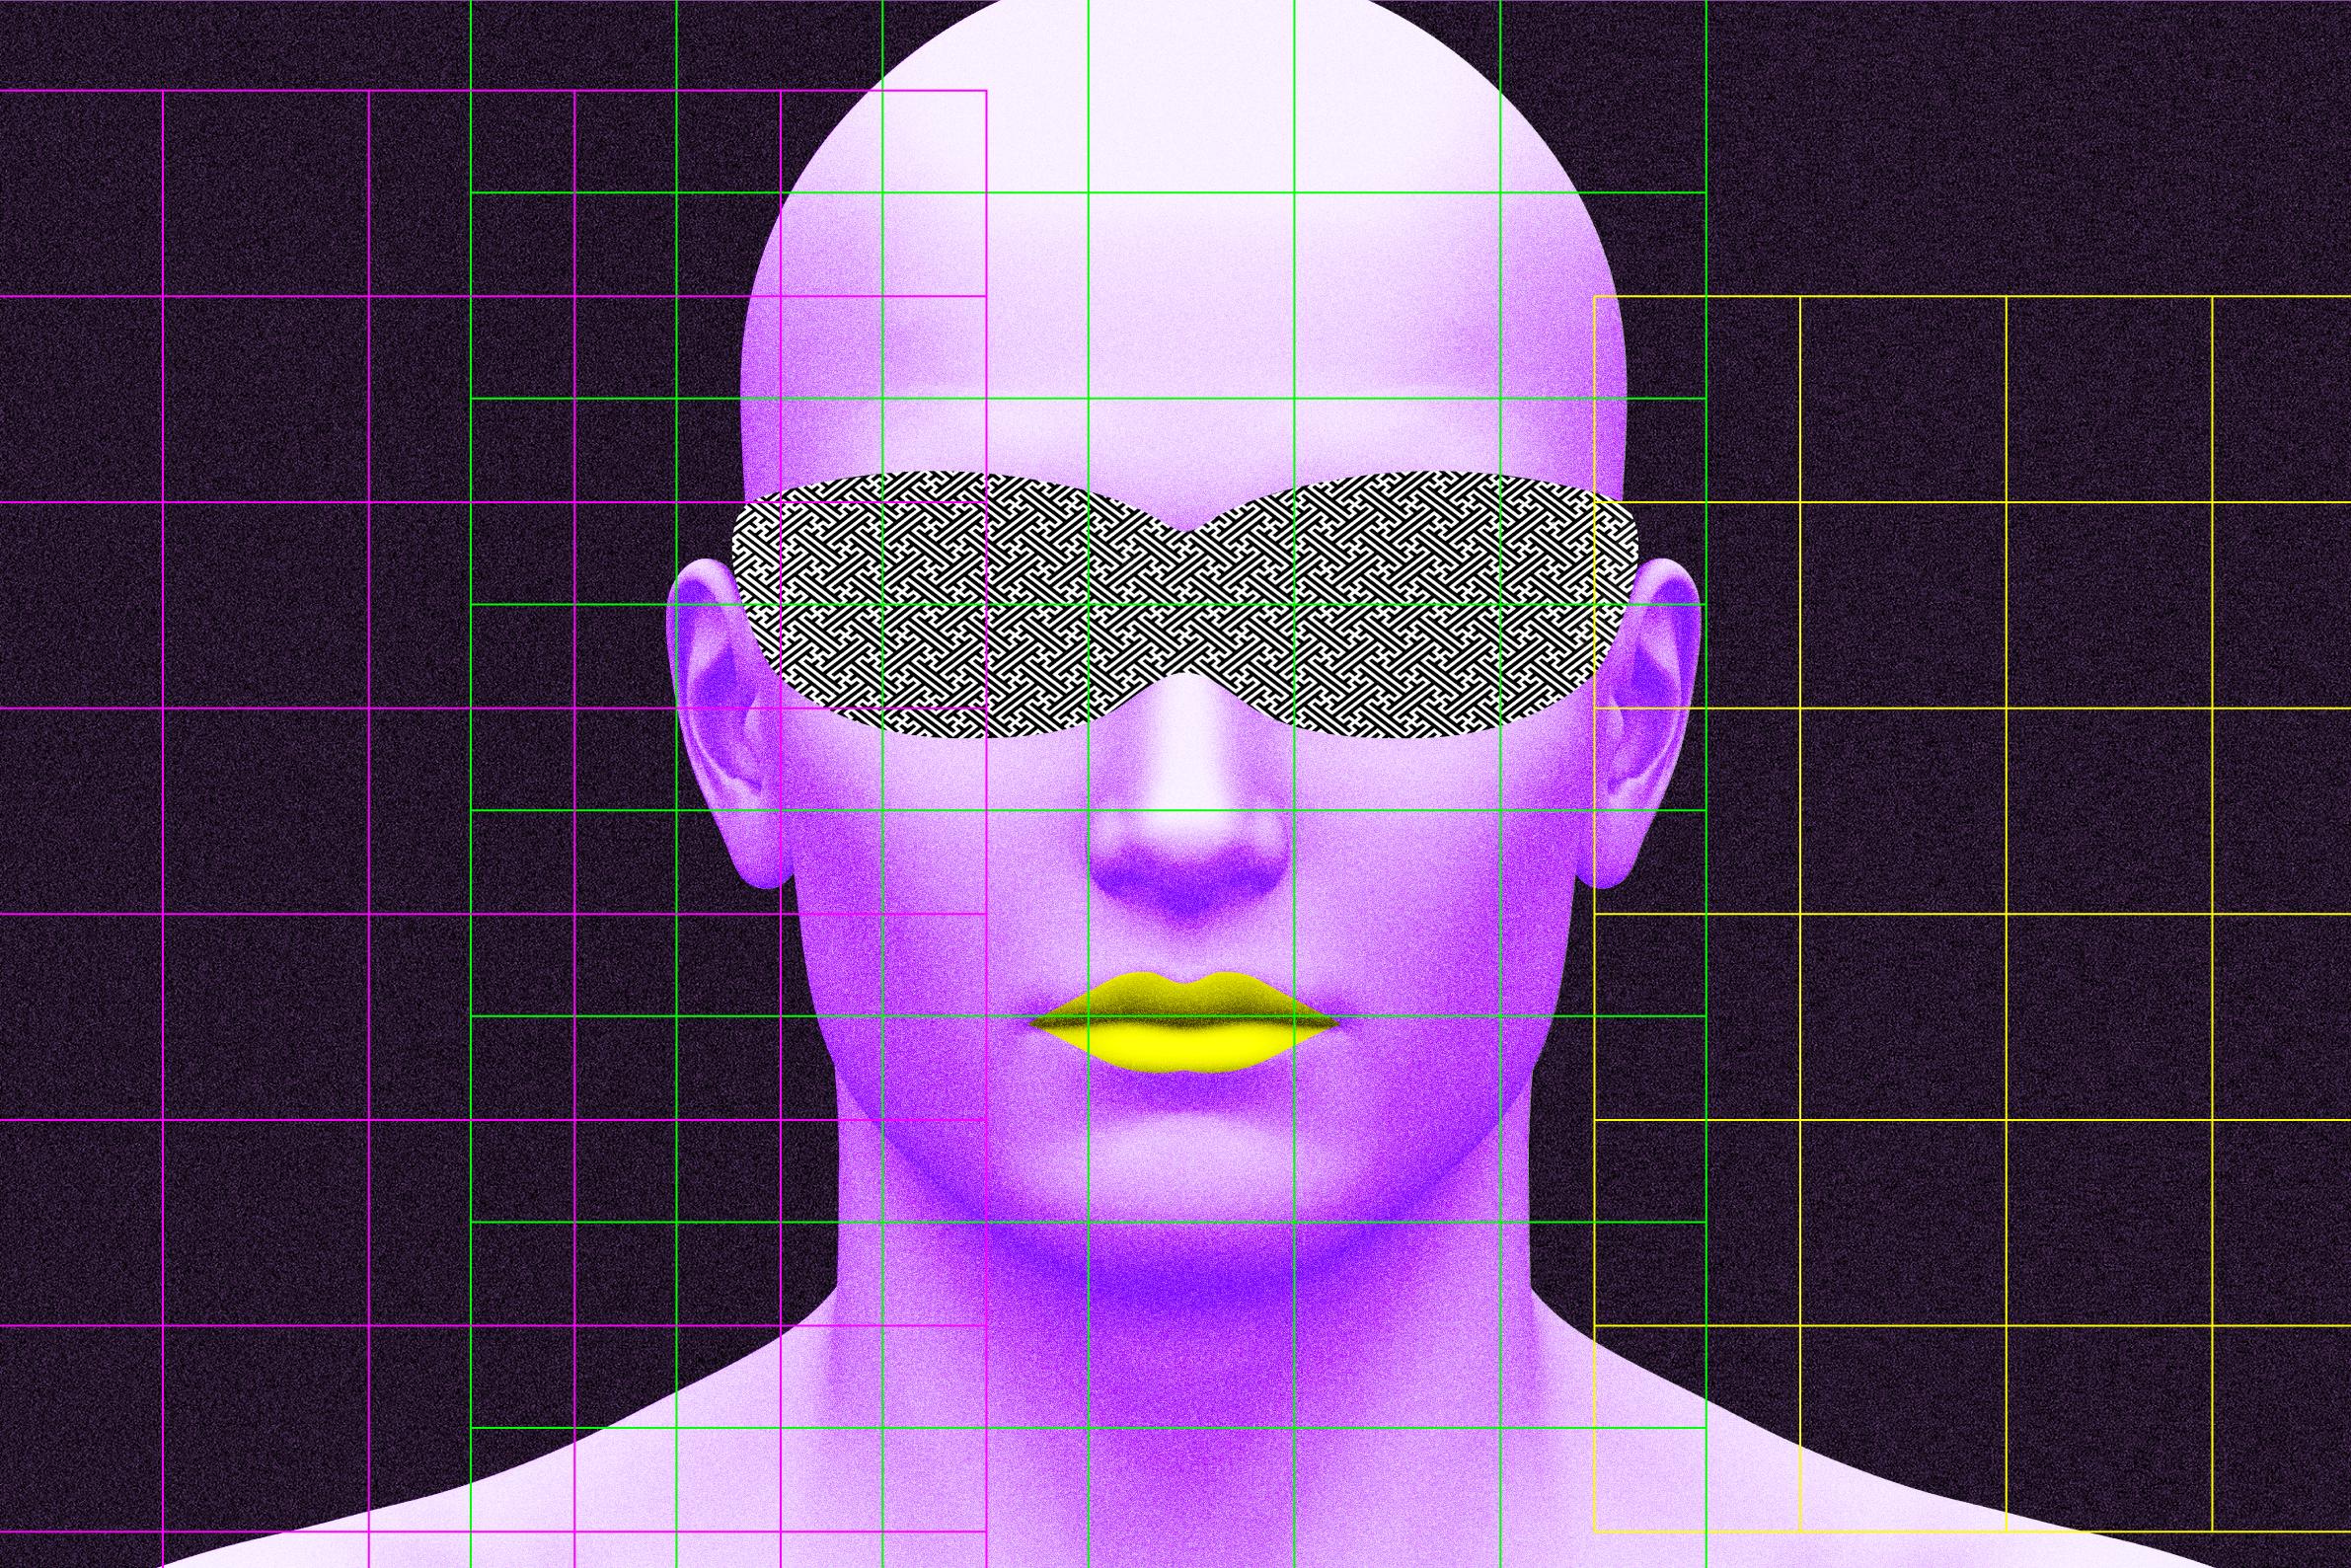 2017_04_25 DARKNET facial rec blocking device_no bug 2 homepage 3 2